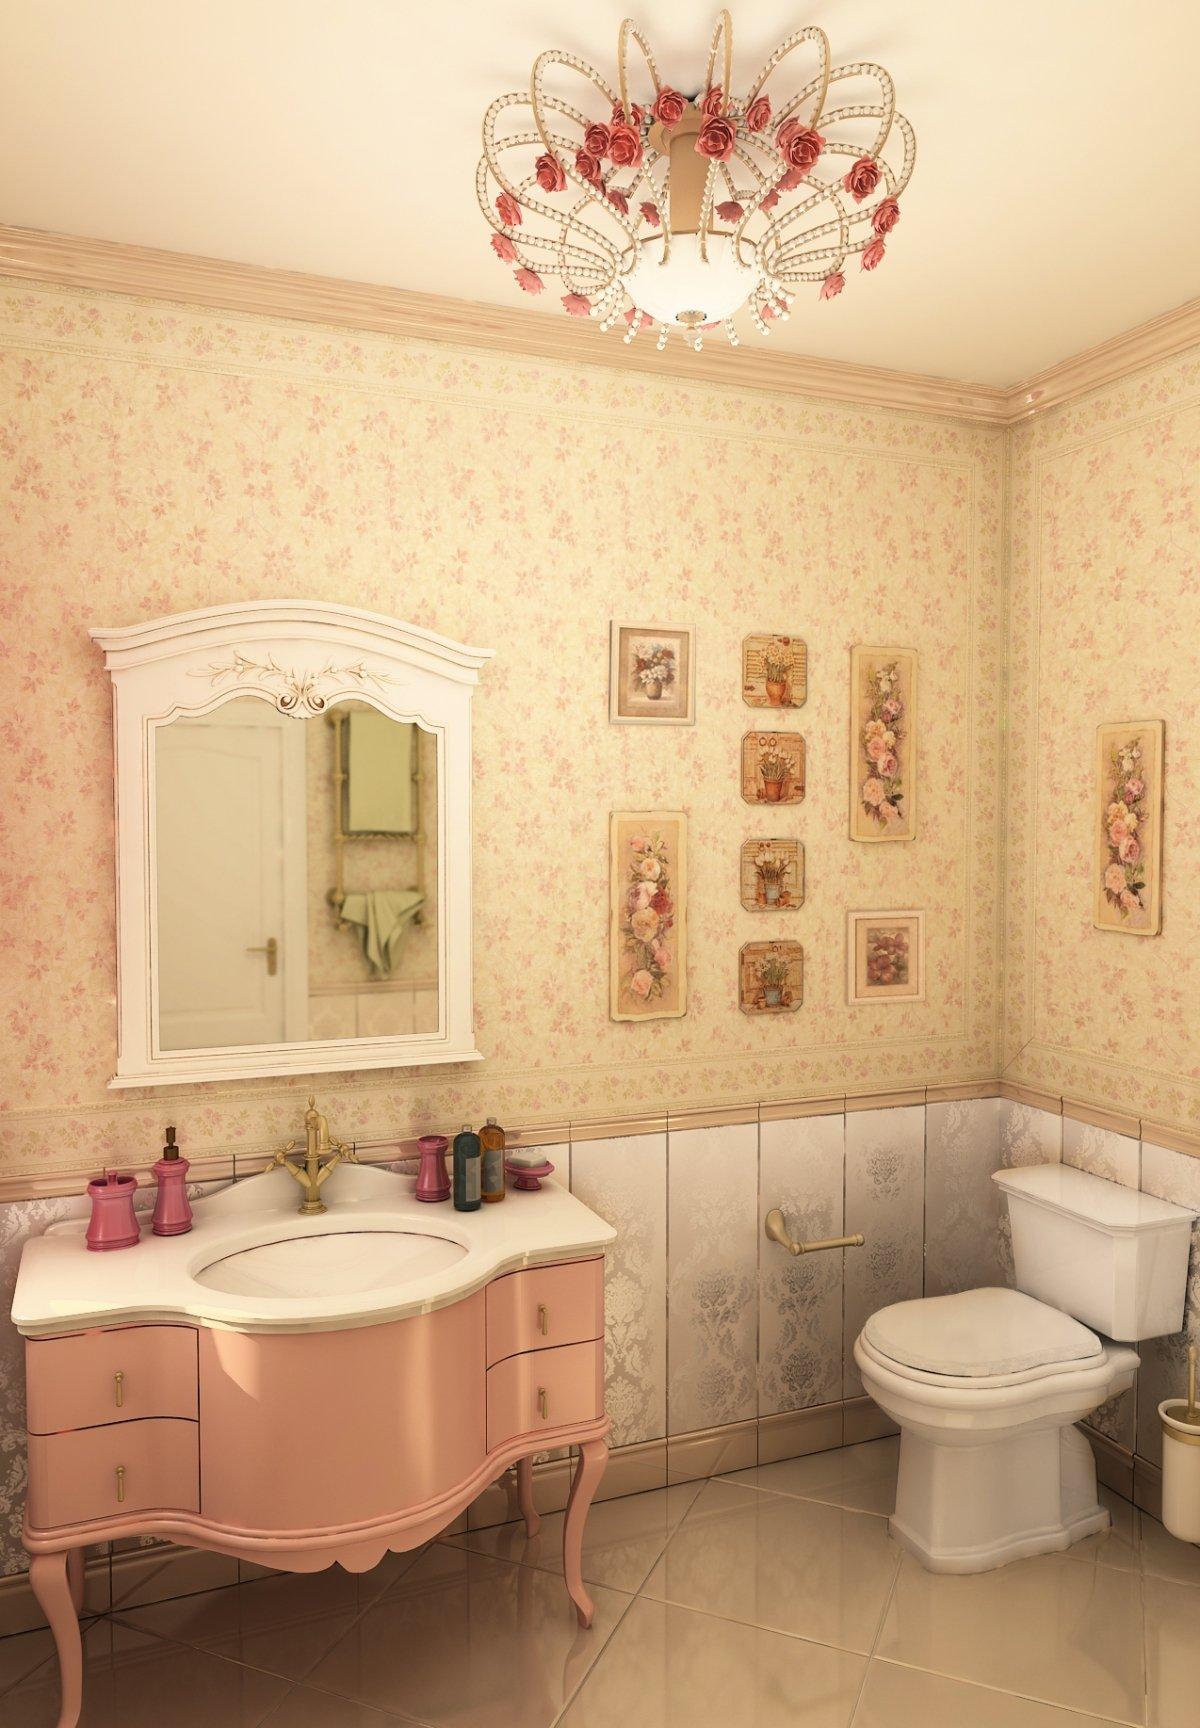 Casa-Rialto-Amenajare-Interioara-In-Stil-Clasic-19